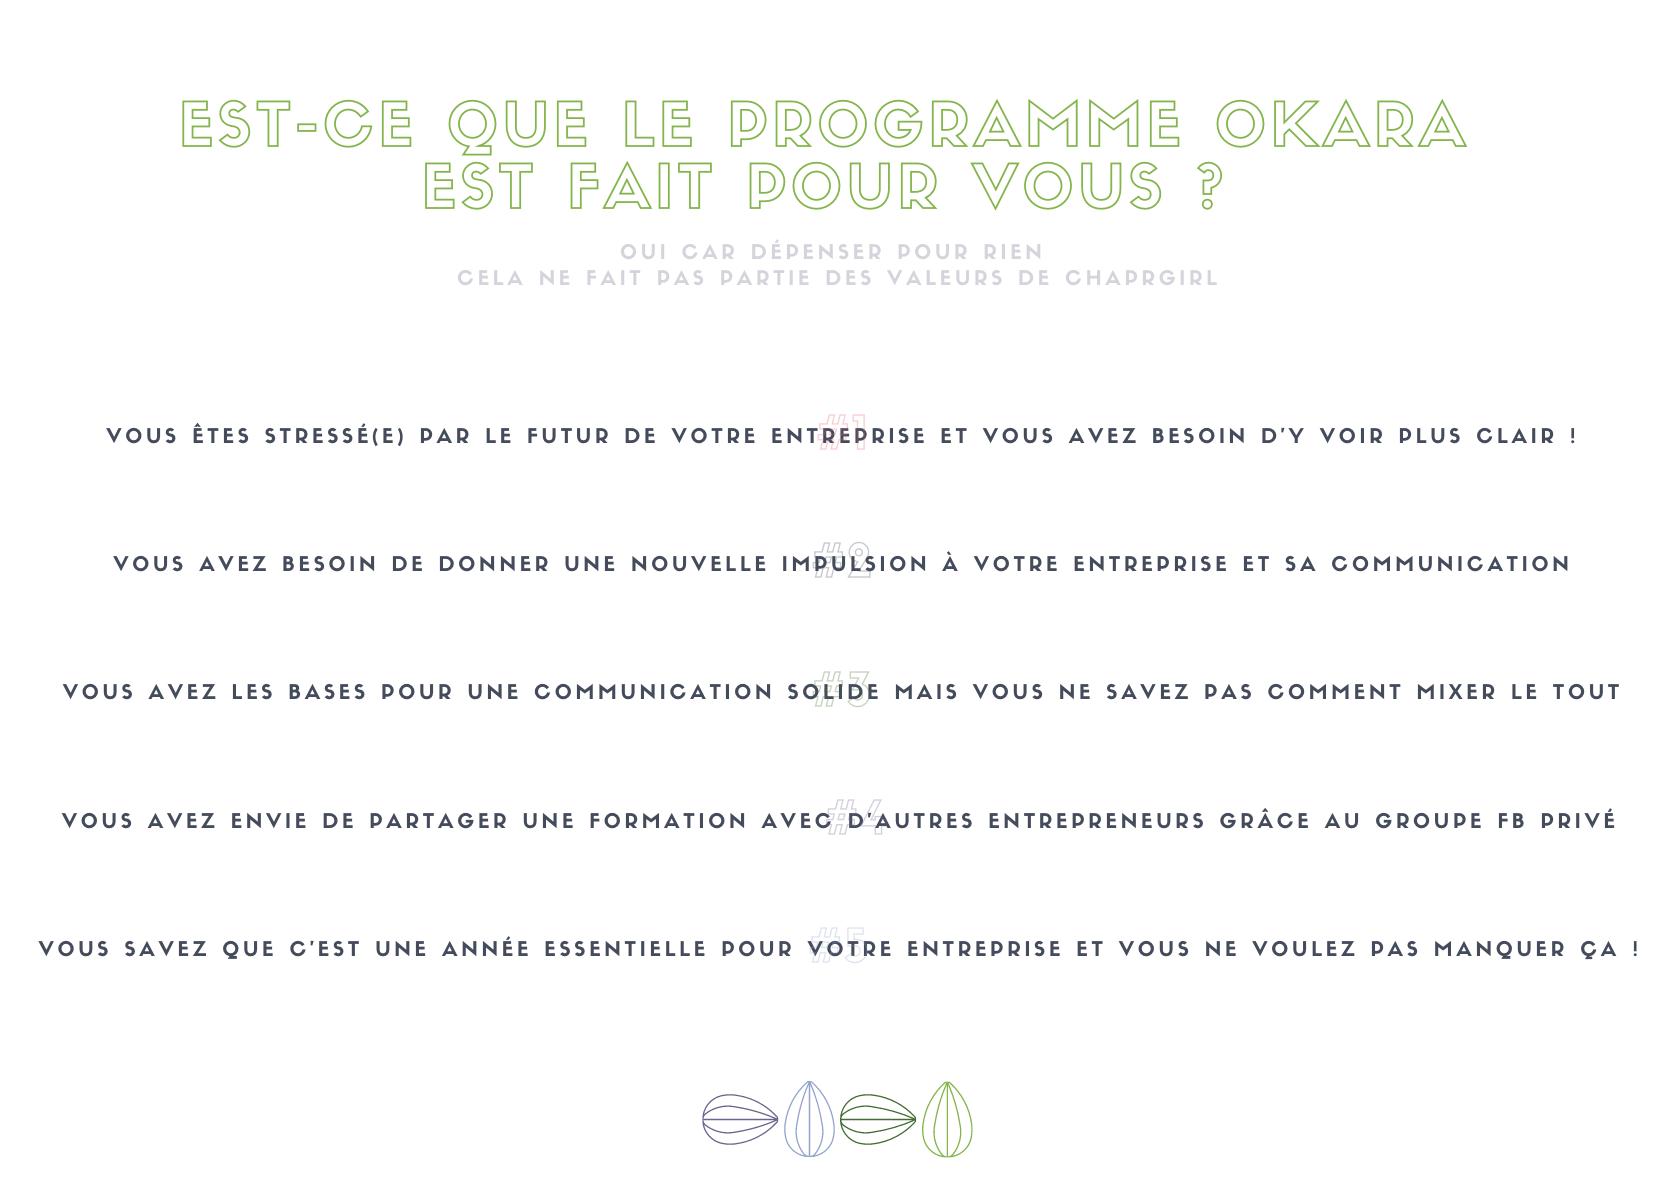 Le Programme d'accompagnement Okara est le programme qui vous aide à retrouver l'équilibre dans la gestion quotidienne de votre communication. Durant 4 semaines, nous voyons les 12 prochains mois en terme de stratégie de vos outils de communication.